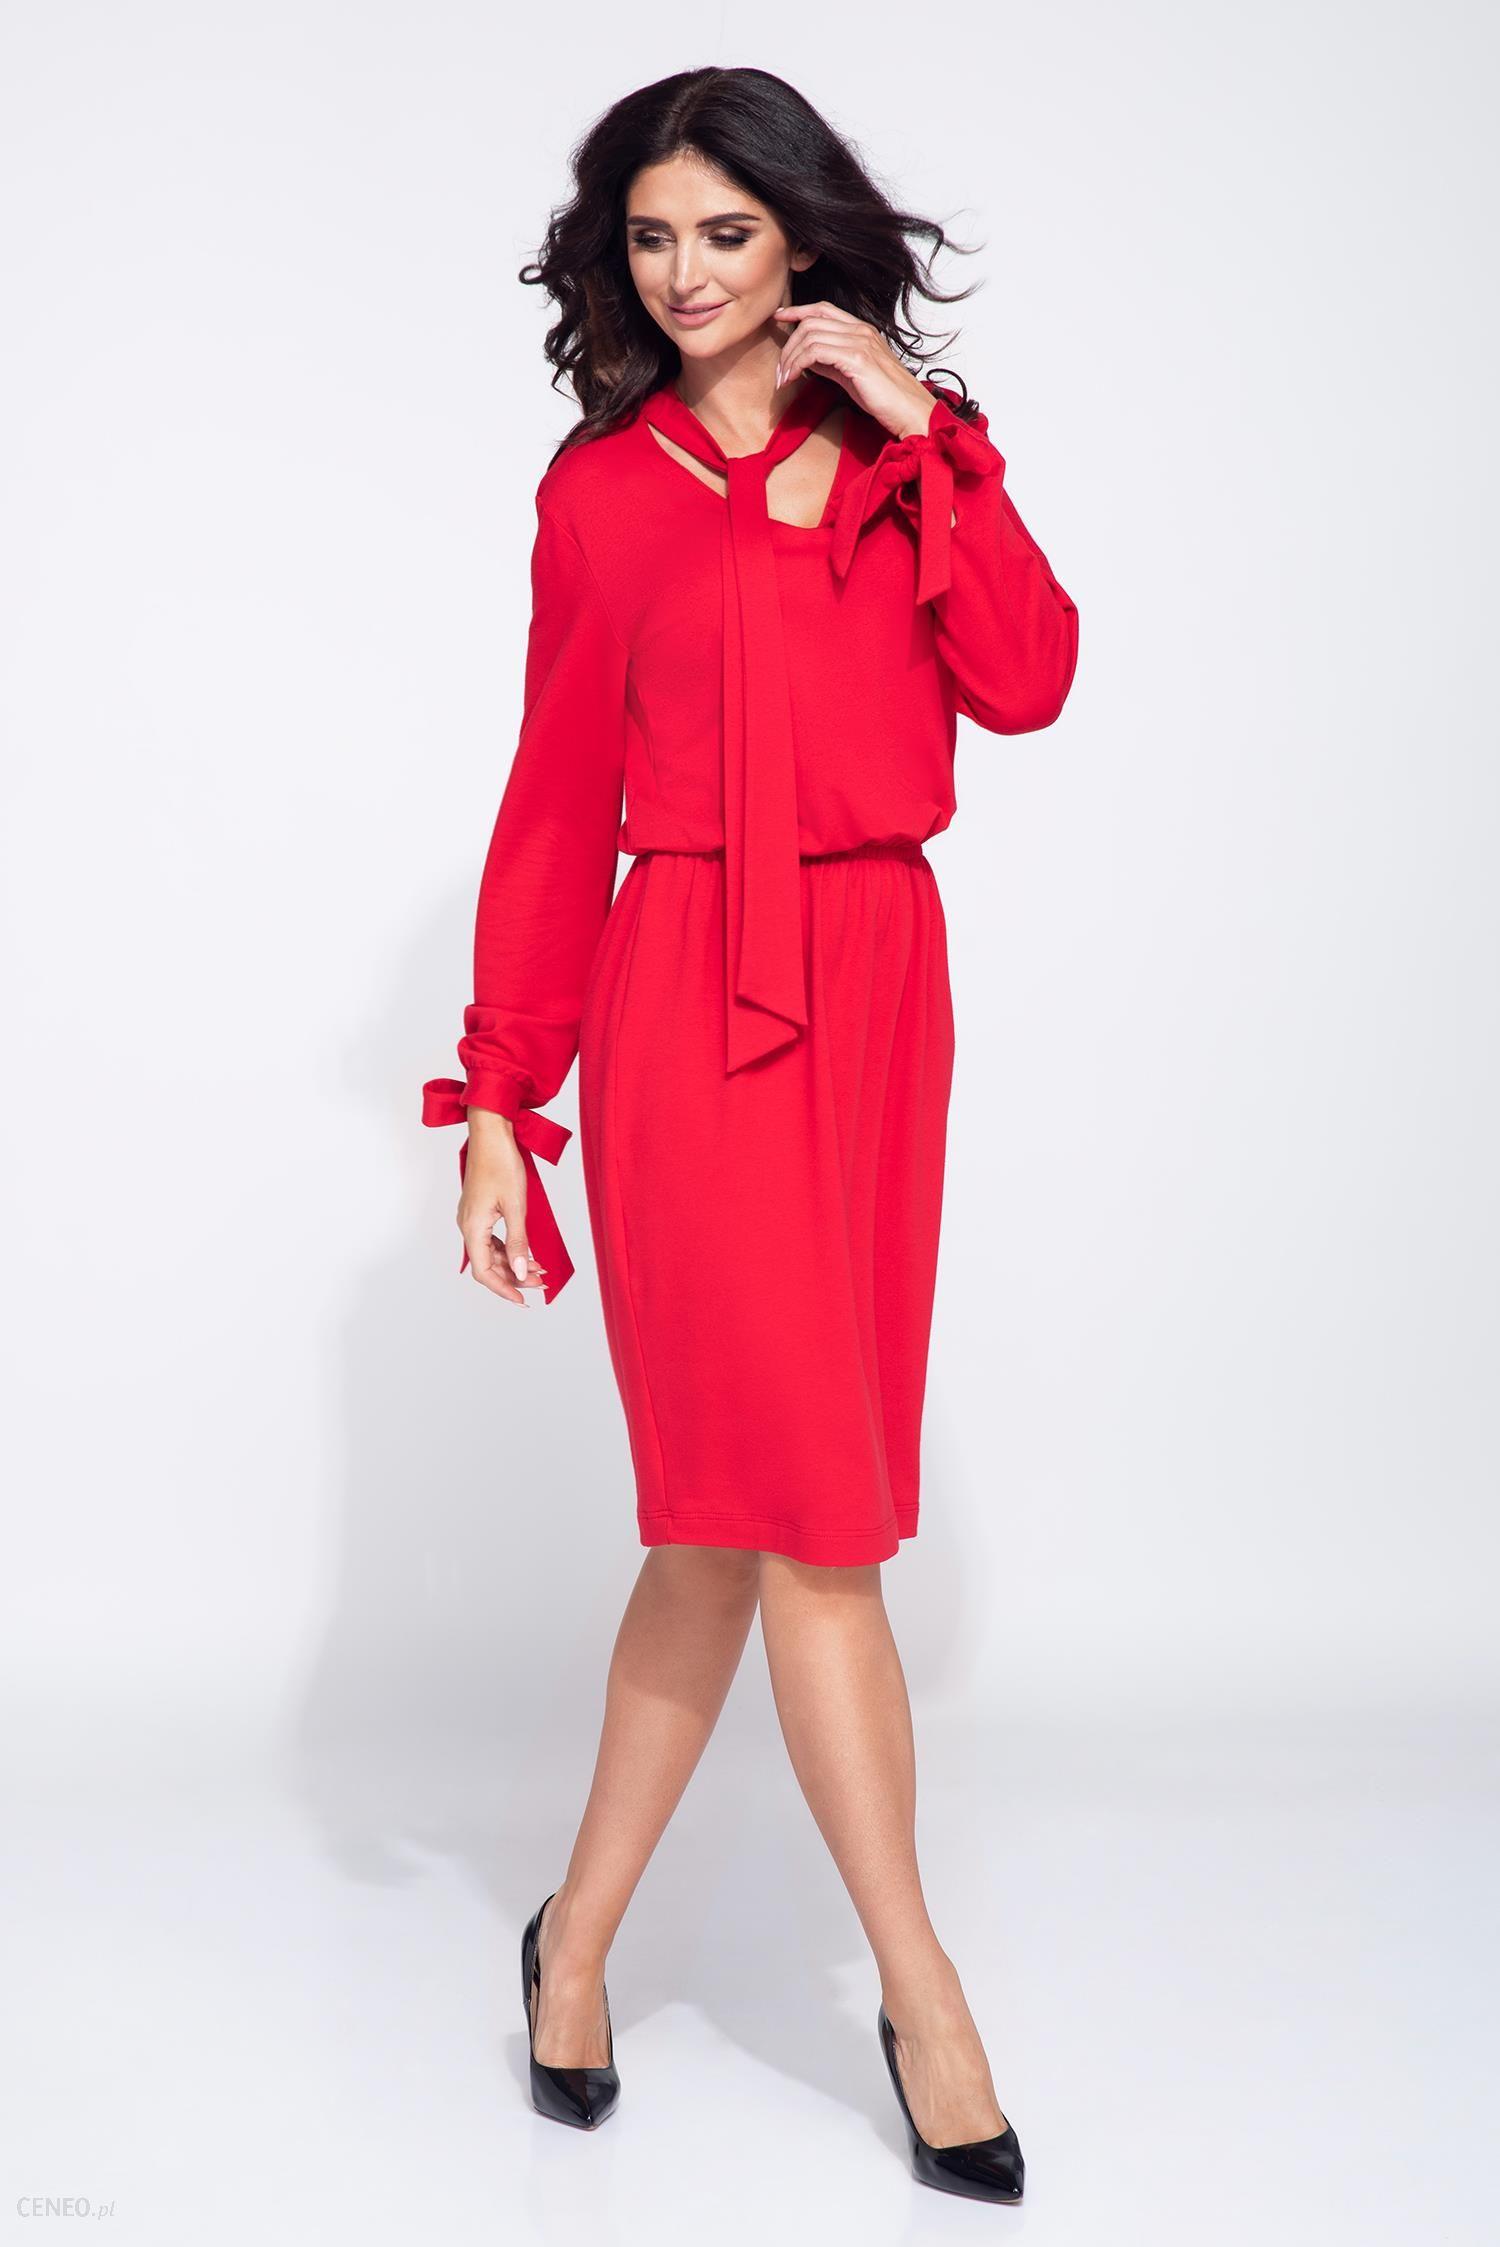 715d4a677170 Bien Fashion Sukienka z wiązanym rękawem czerwony - Ceny i opinie ...